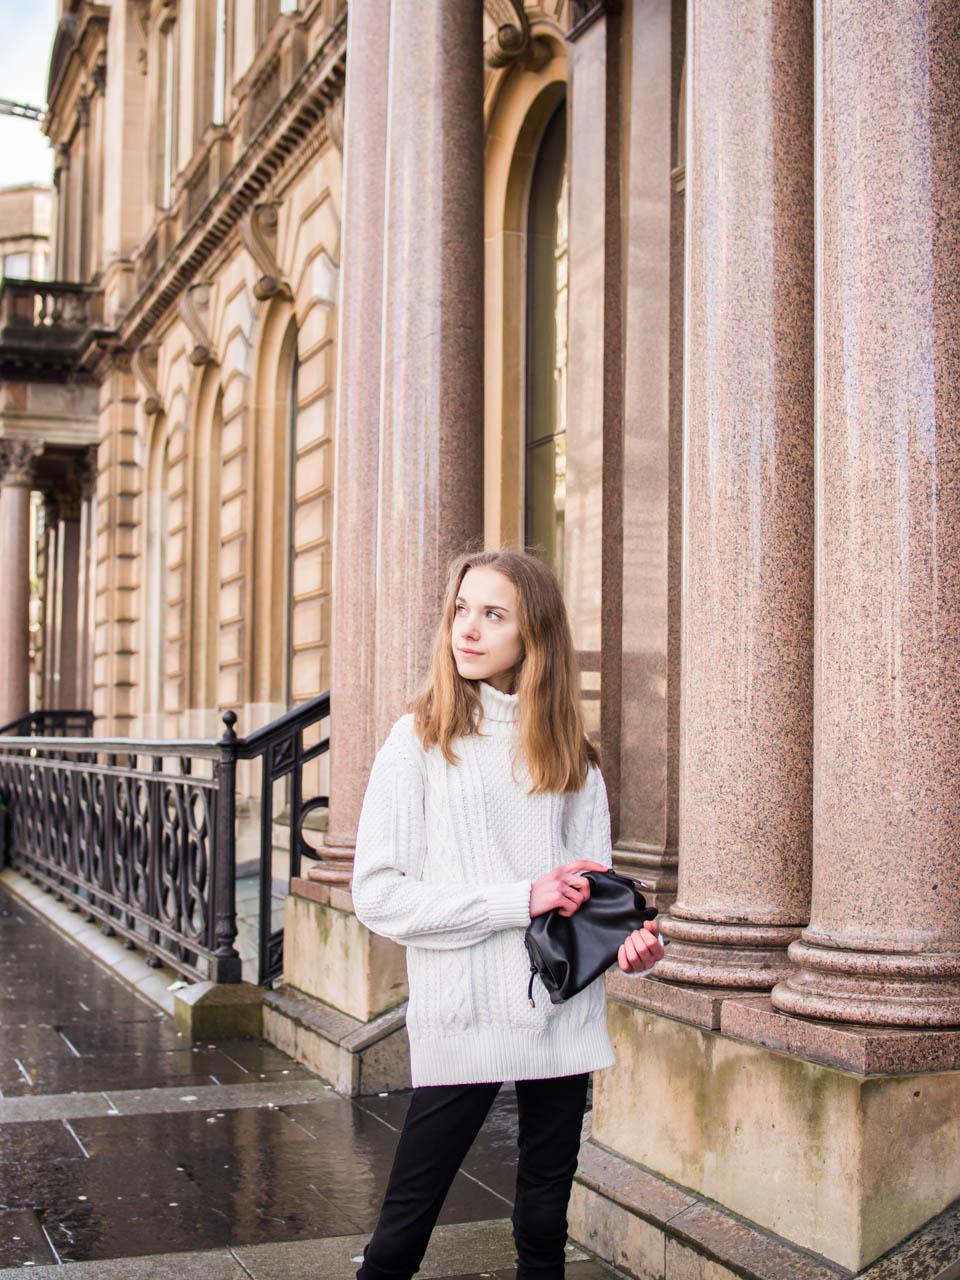 Minimal style fashion blogger outfit - Muotibloggaaja, asuinspiraatio, minimalistinen tyyli